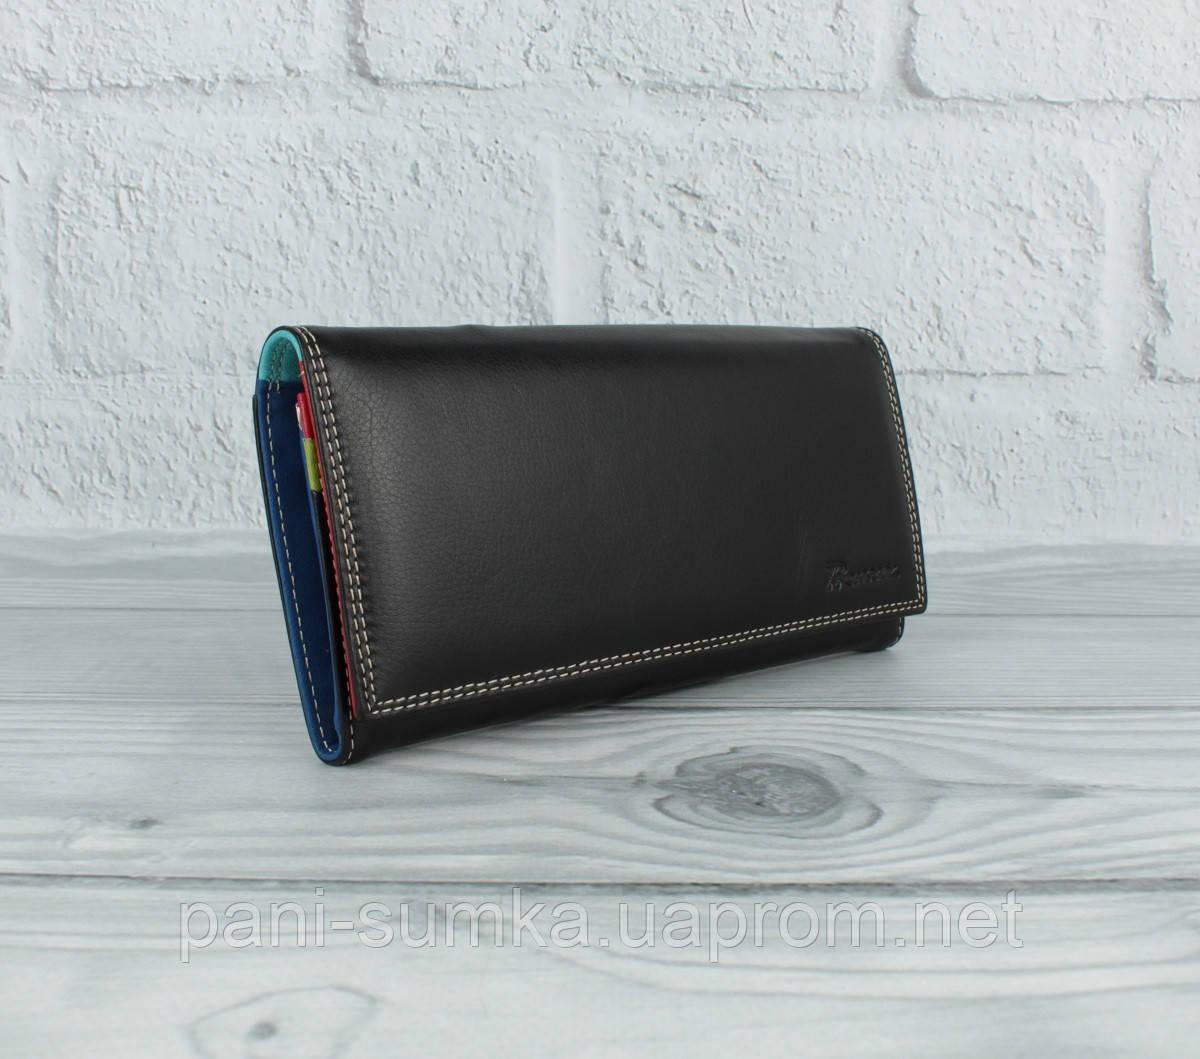 Шкіряний гаманець Prensiti 122-6601 чорний на кнопці, класичний (монетниця всередині)